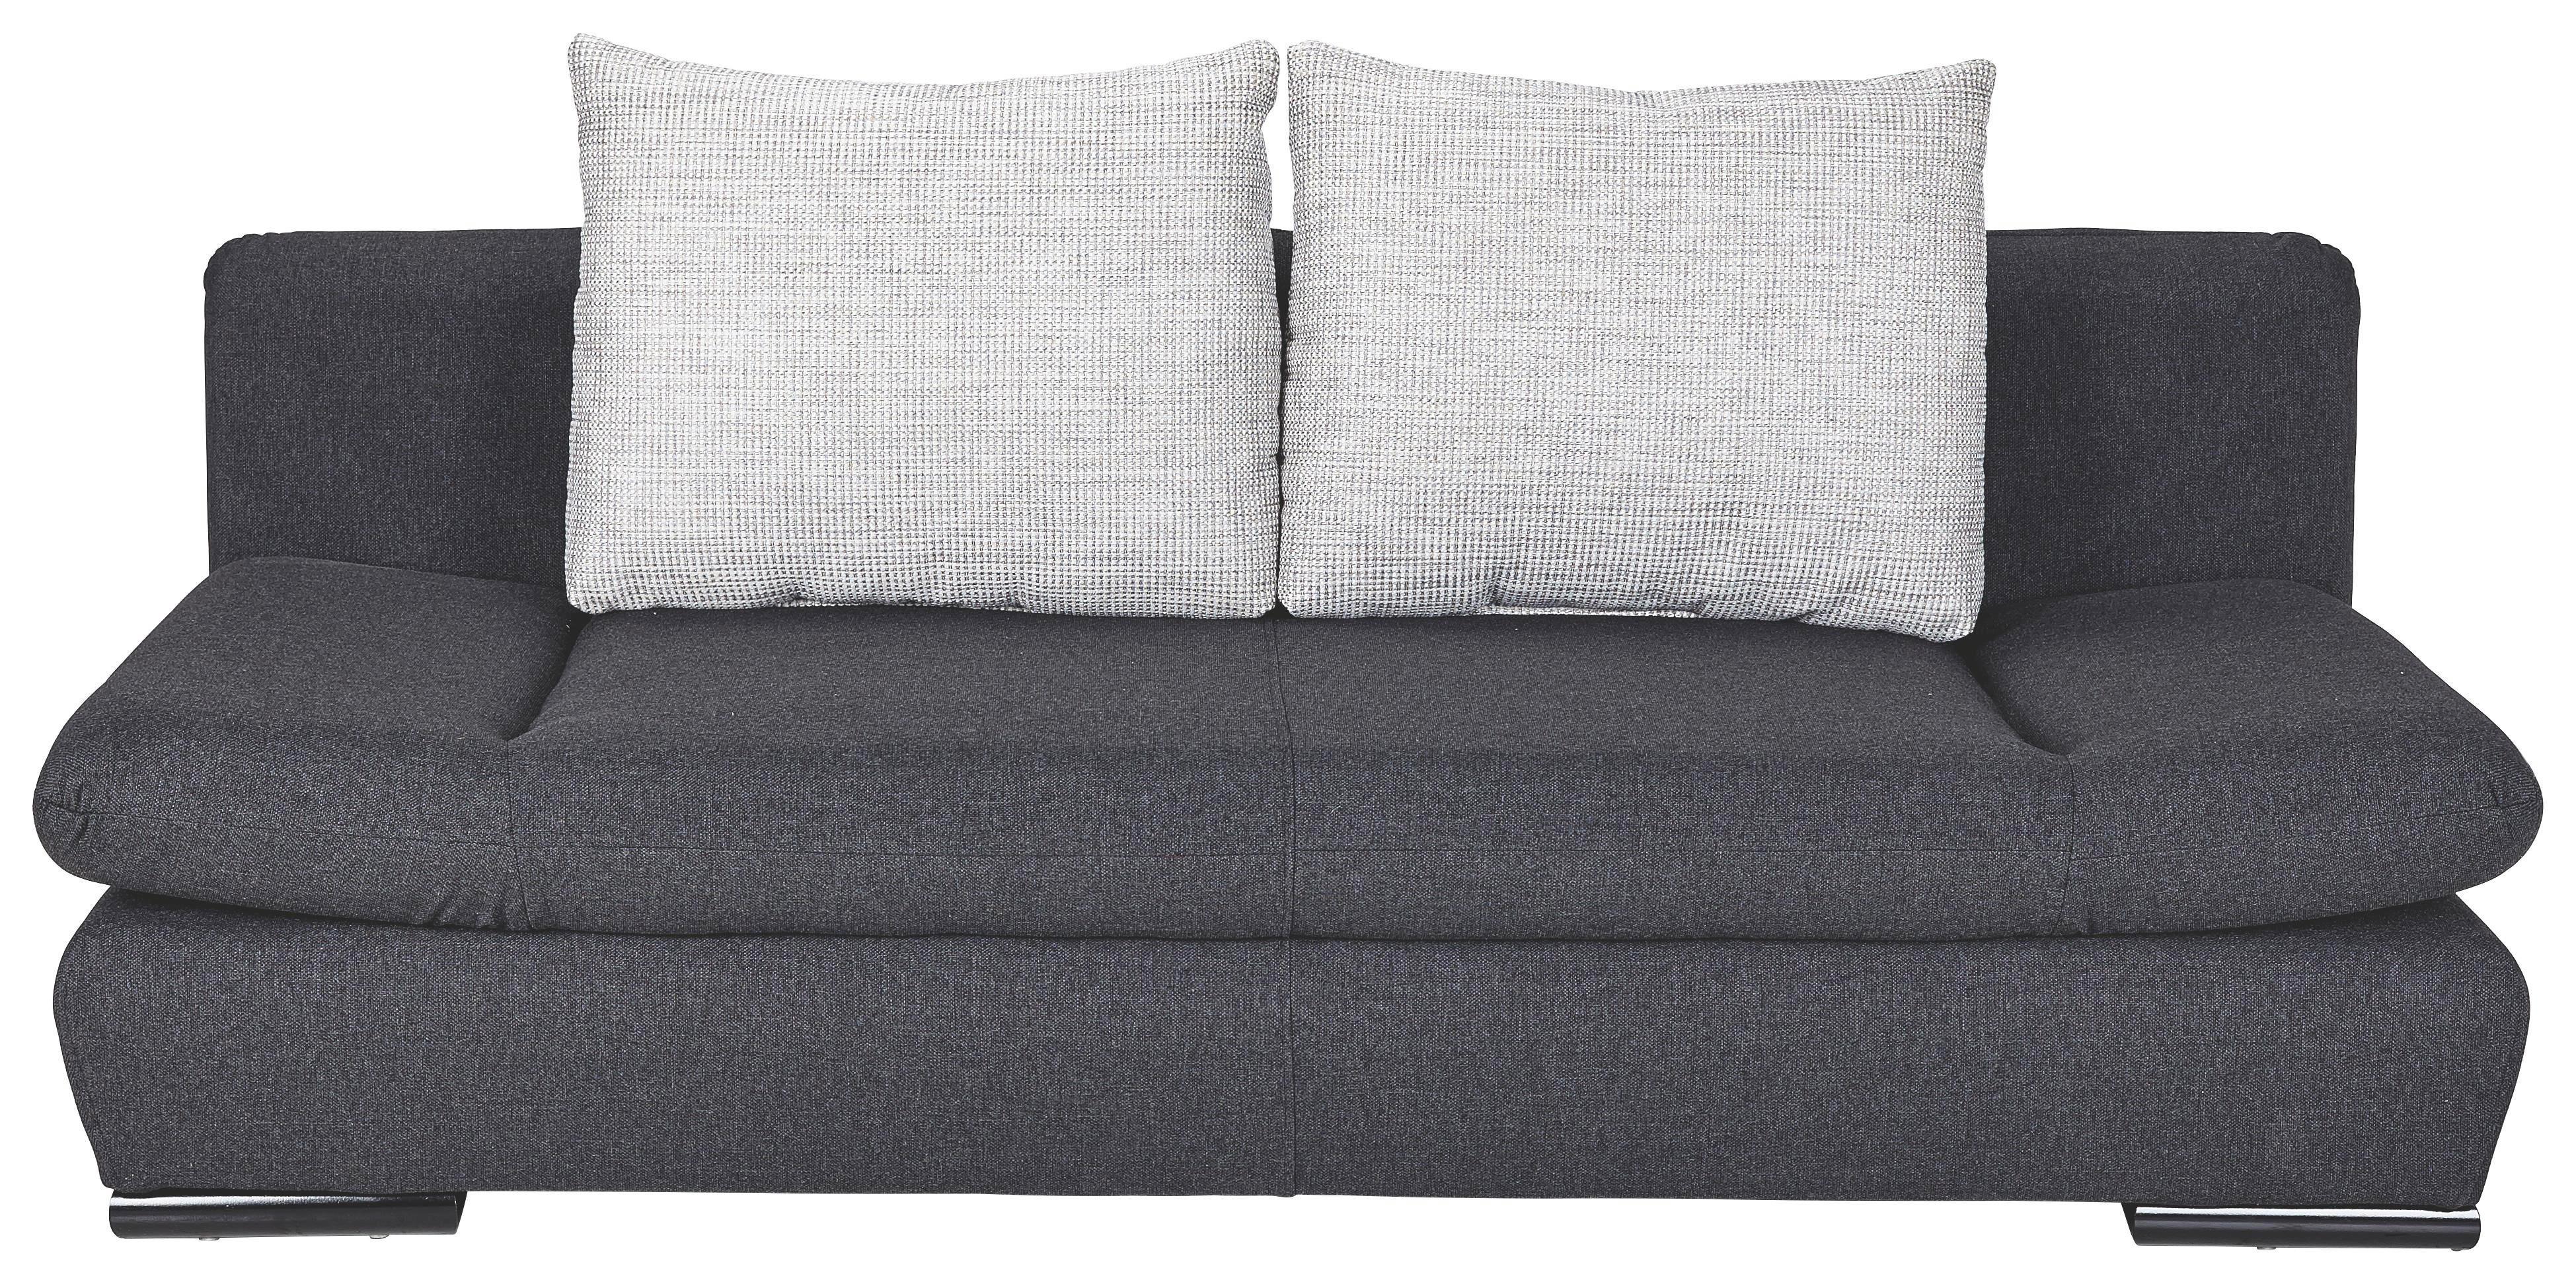 platzsparend ideen haba sofa, jugendmöbel online shoppen | xxxlutz, Innenarchitektur